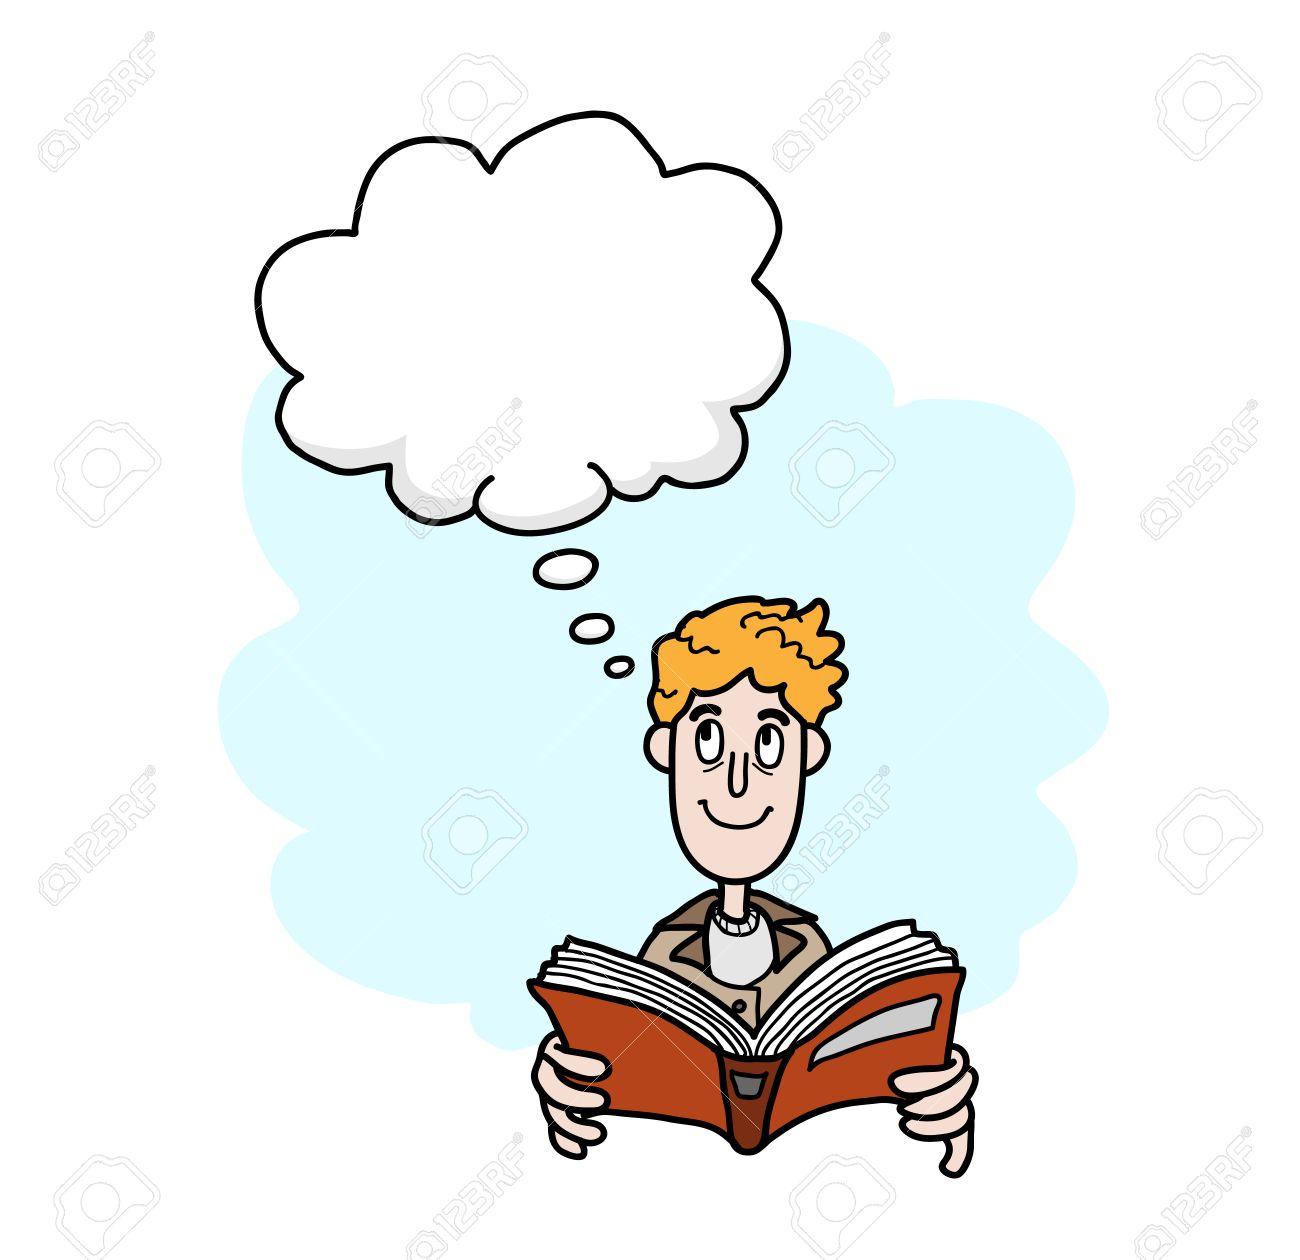 Lire Un Livre Une Illustration De Vecteur Tire Par La Main D Un Homme Lisant Un Livre Tout En Imaginant Des Choses L Objet Principal La Narration